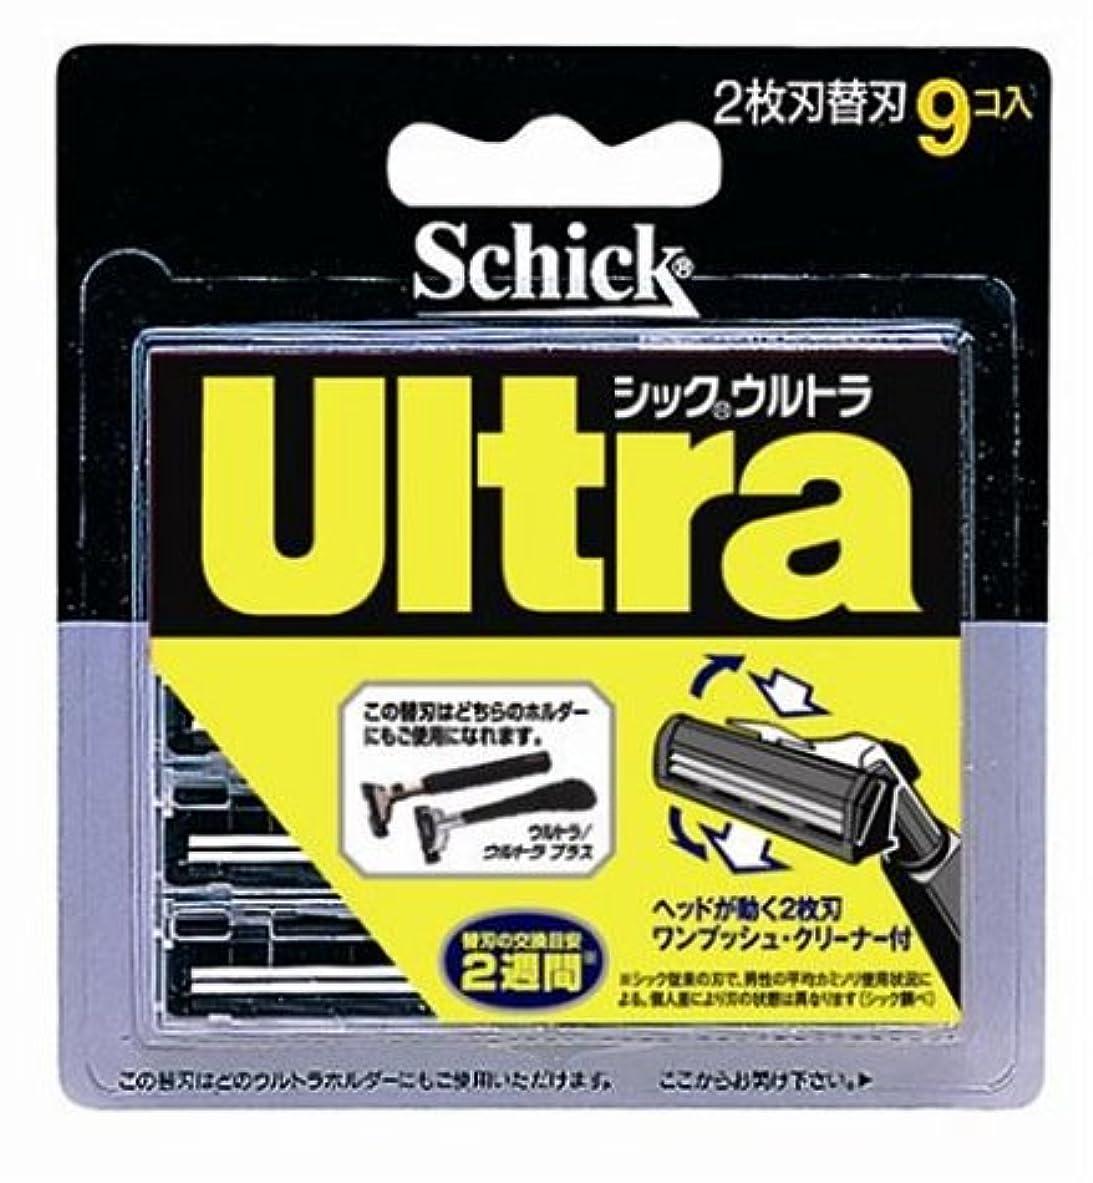 電圧敵不規則なシック Schick ウルトラ 替刃 TRー9